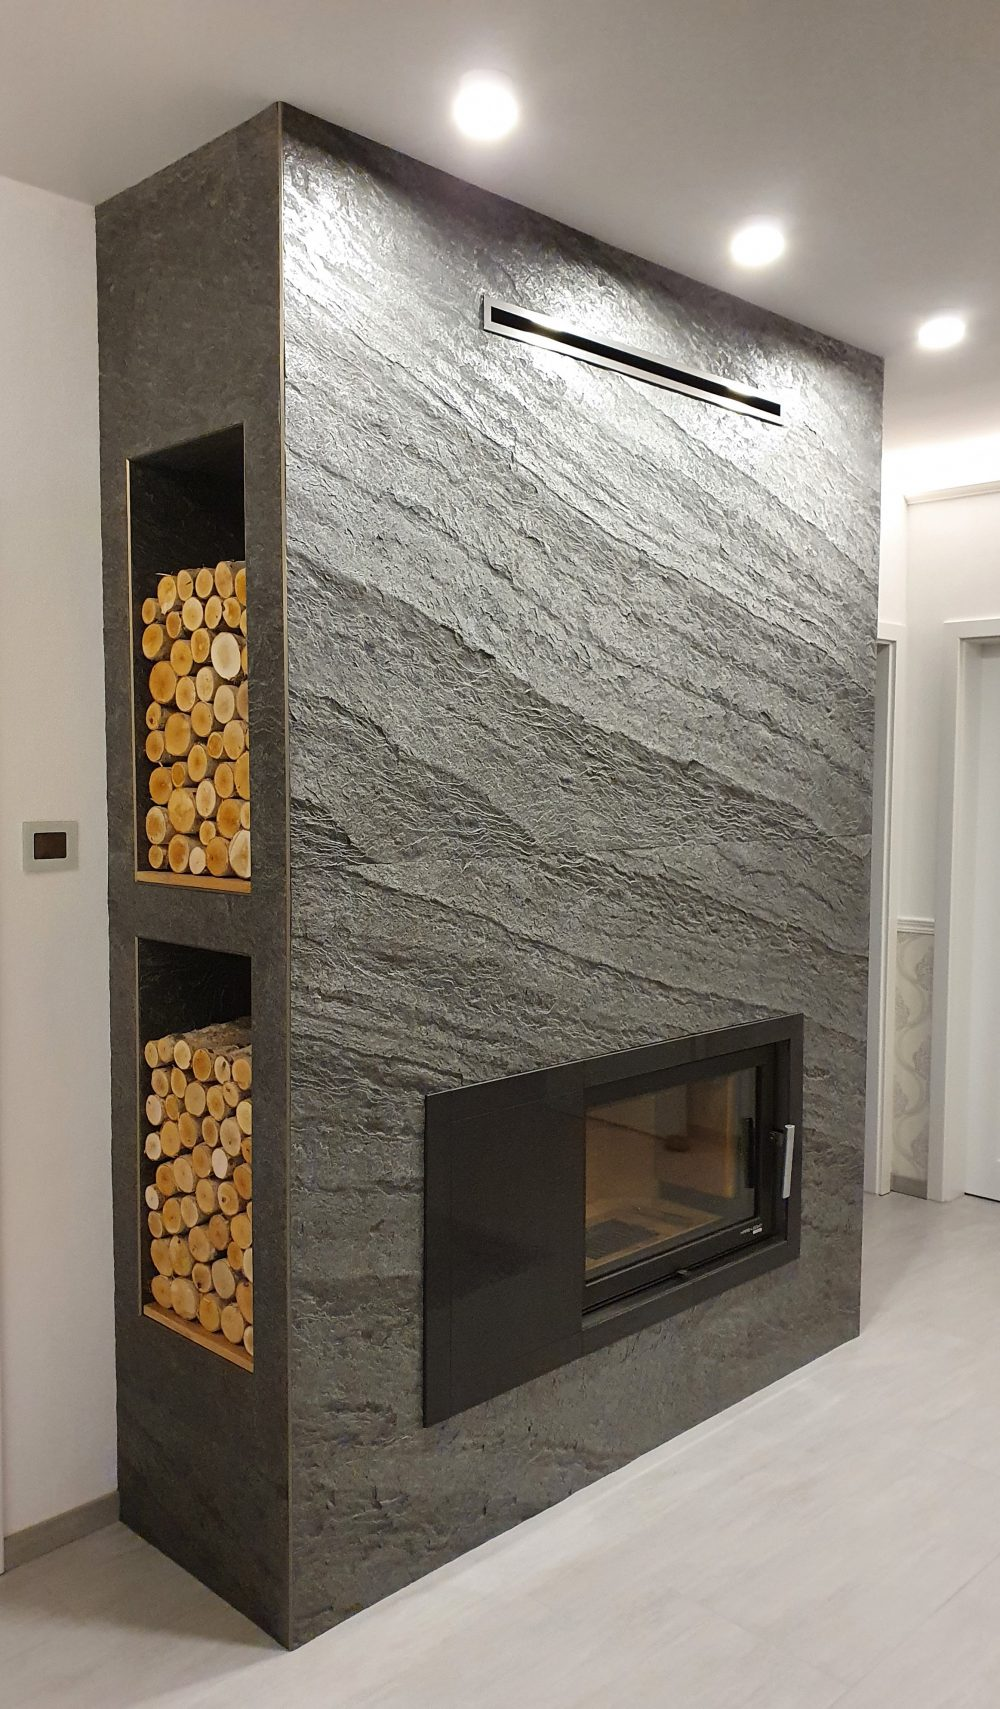 Schieferfurnier Wandverkleidung grau anthrazit Steinwand Wandgestaltung Steinfurnier Kaminverkleidung